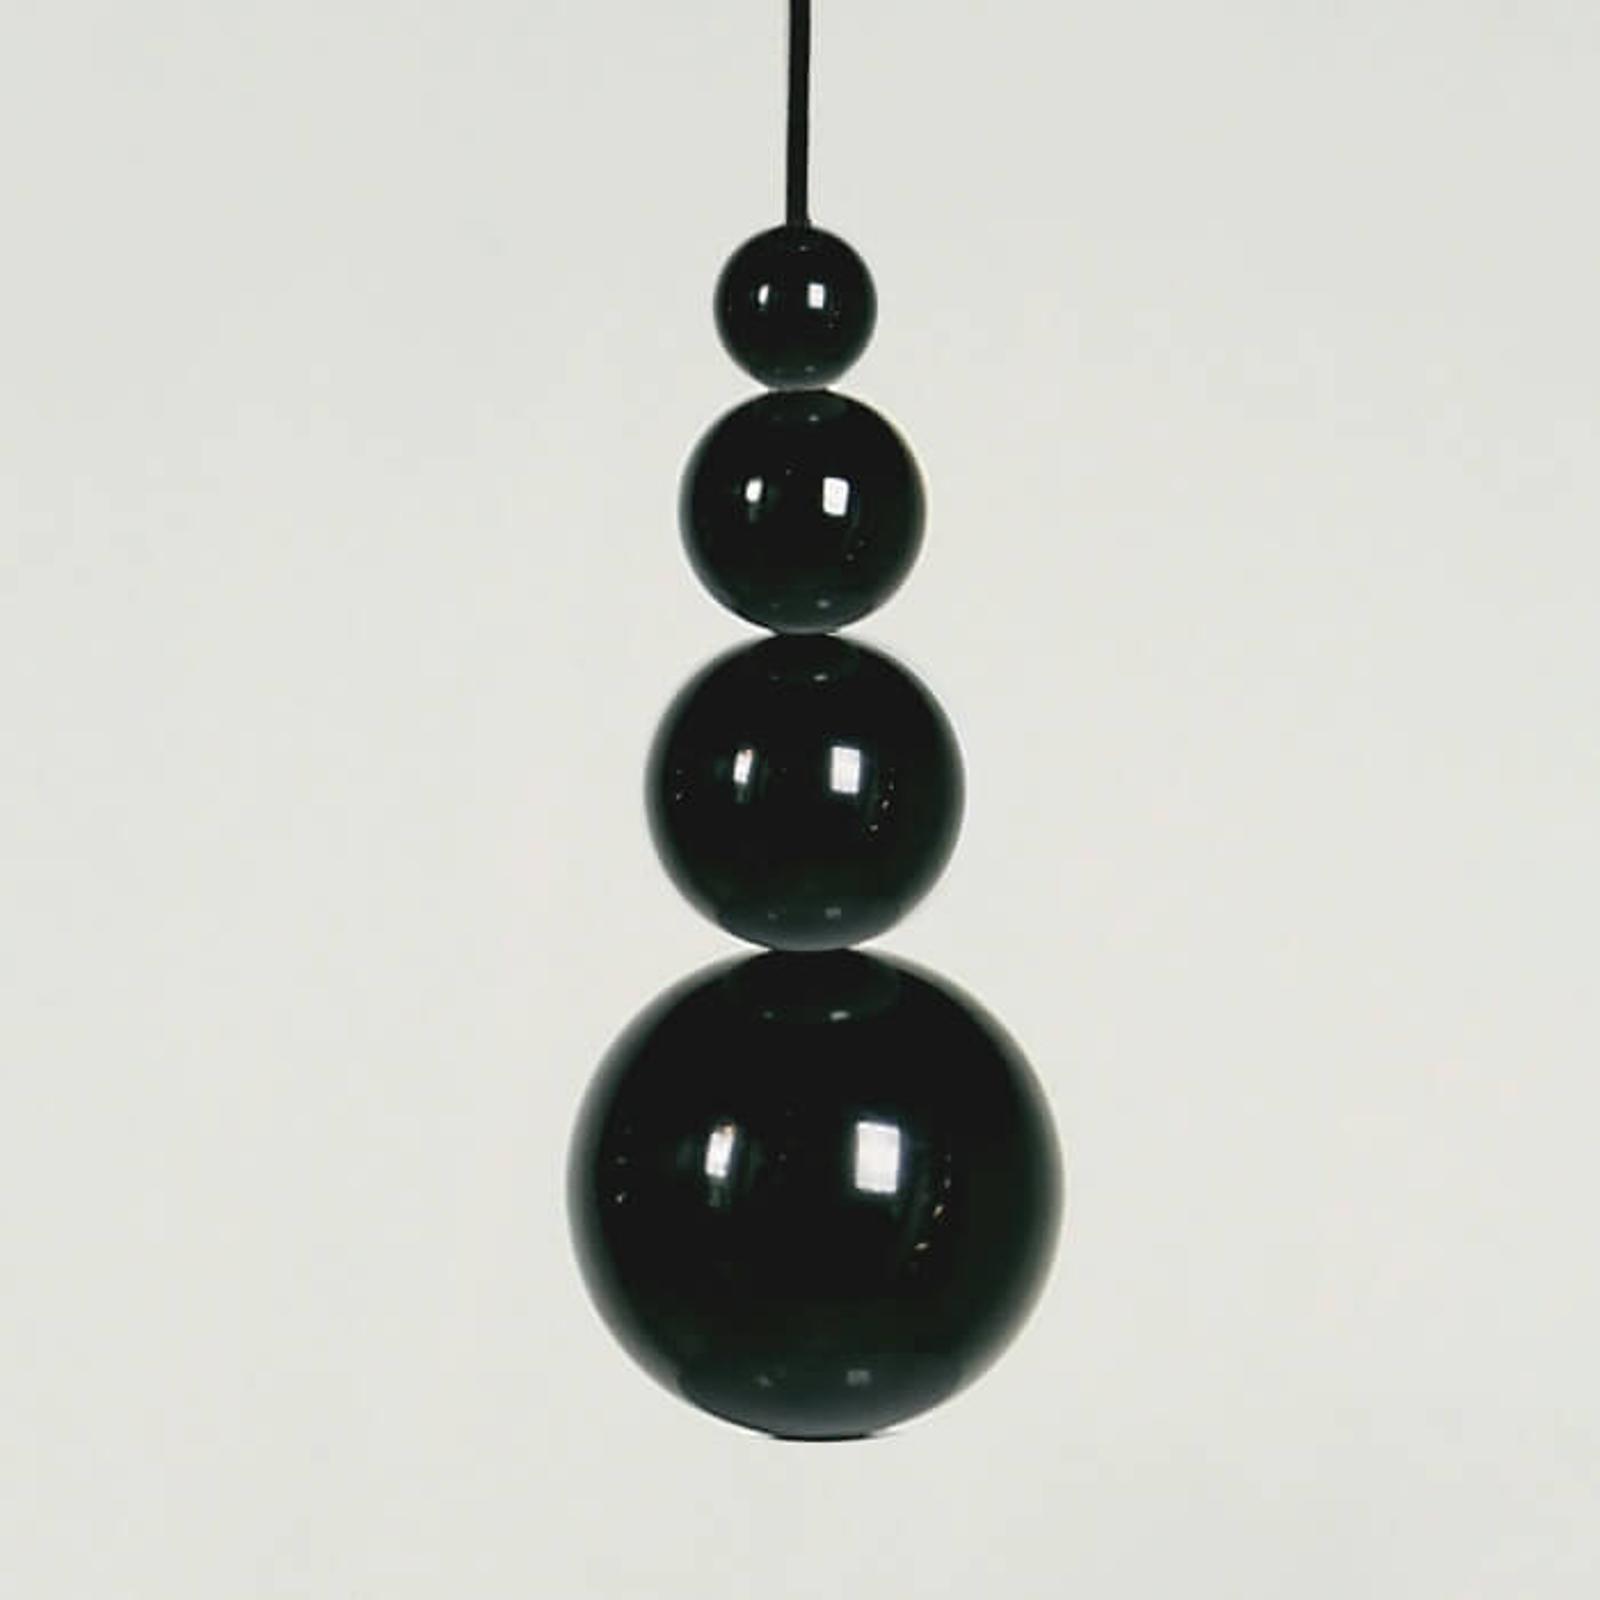 Innermost Bubble - Hängeleuchte in Schwarz